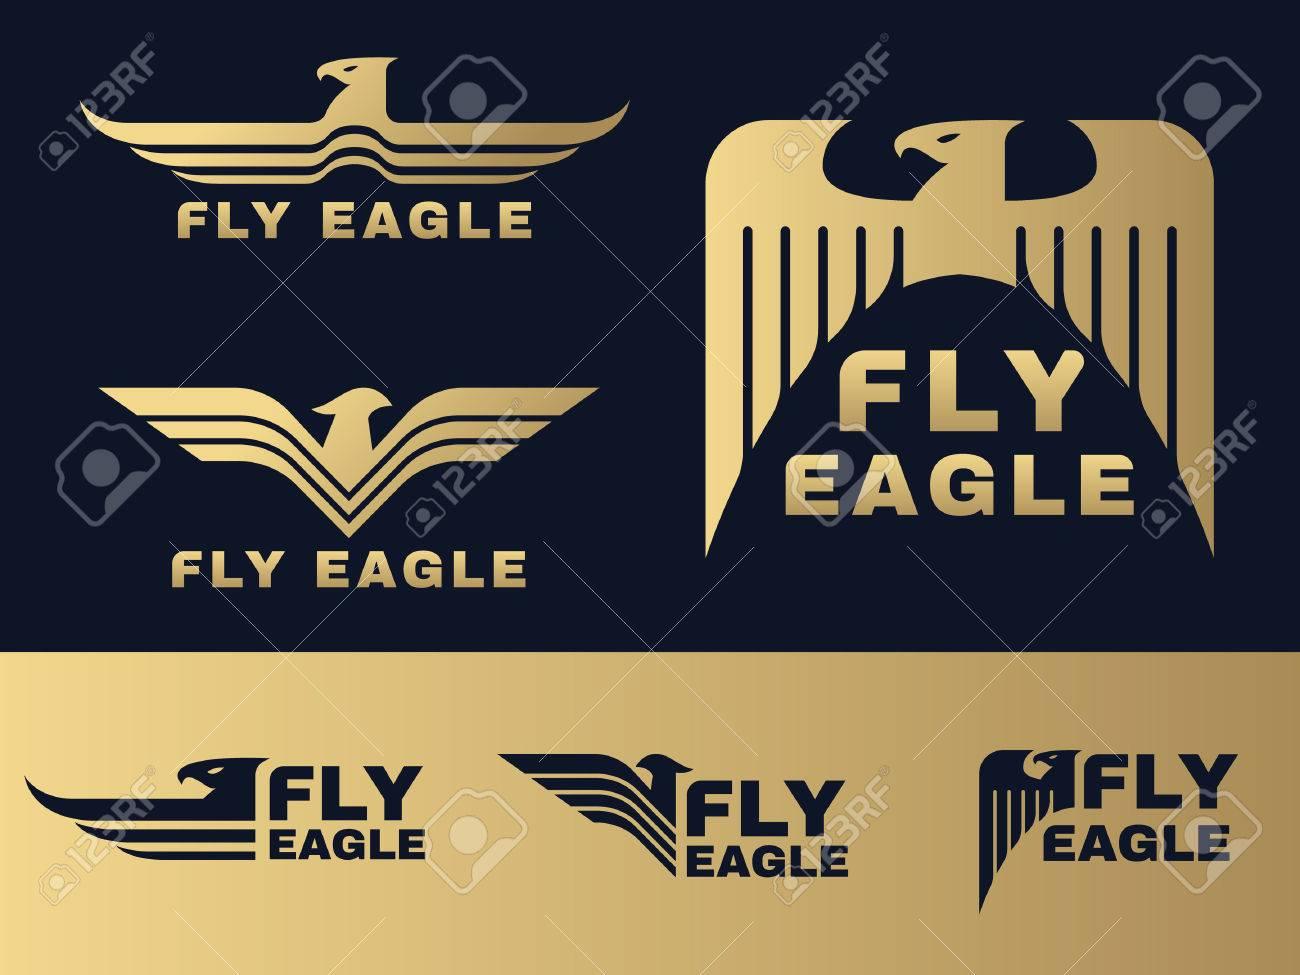 Gold and dark blue Eagle logo vector set design - 55615047